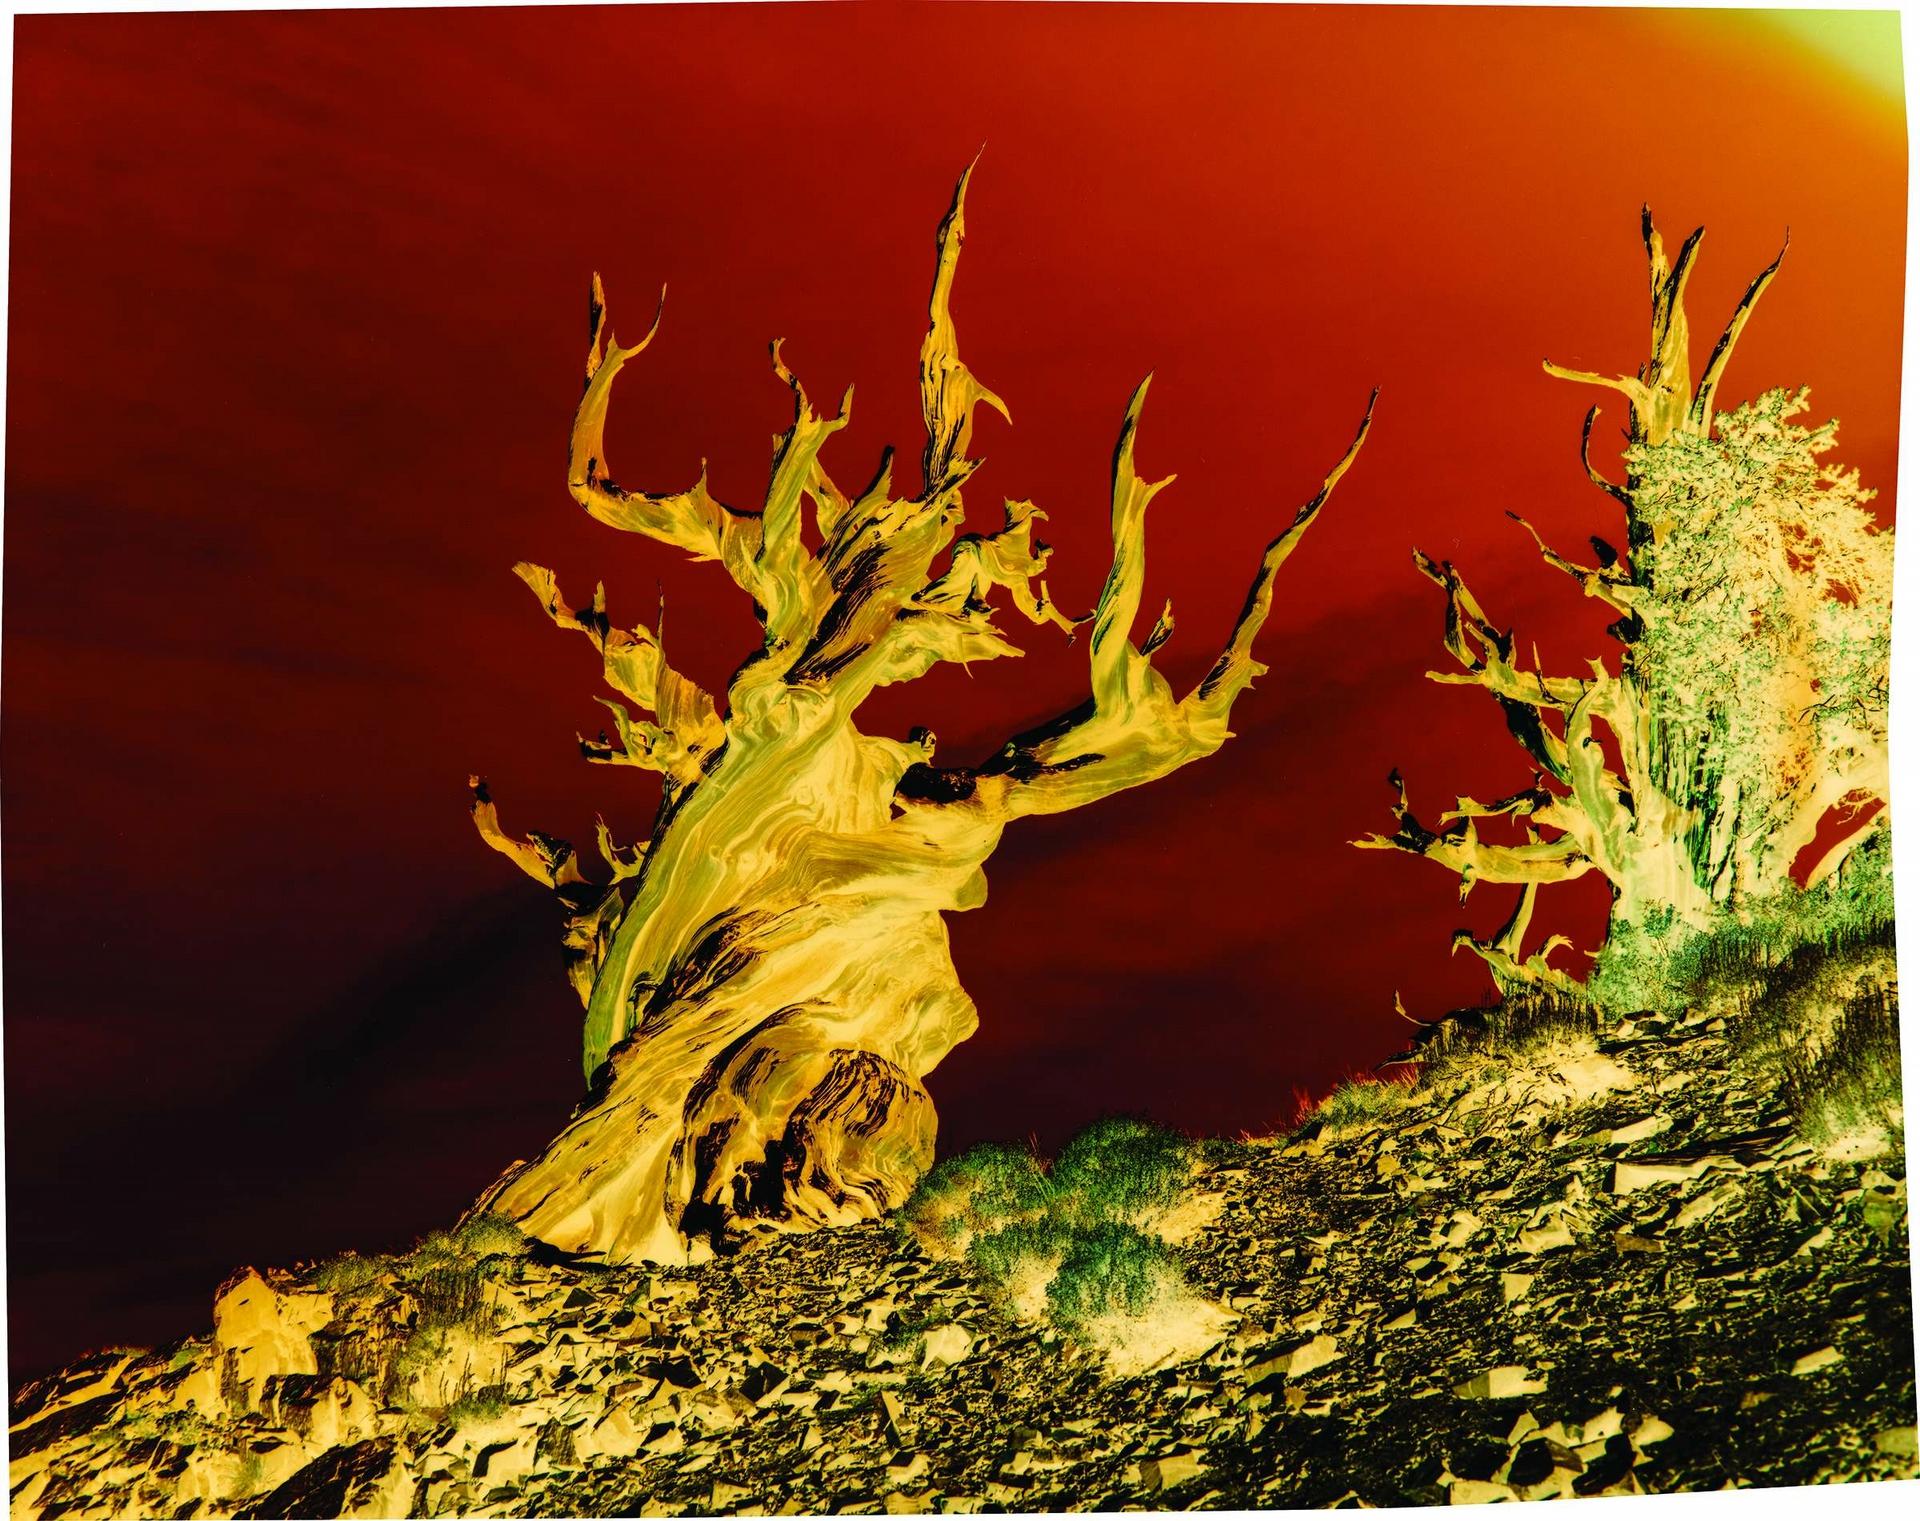 自然不朽:加州東部的刺果松能存活4000年,甚至更久。攝影:約翰.奇亞拉 JOHN CHIARA